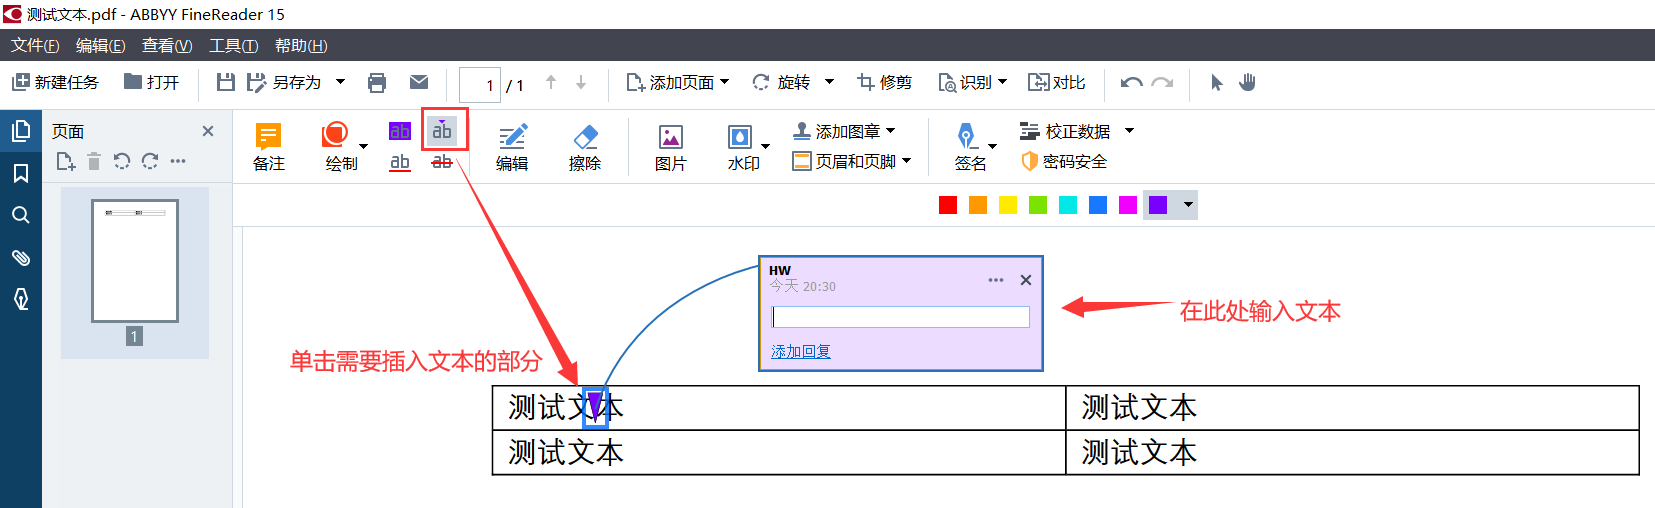 图四:使用ABBYY Finereader 15软件为PDF文档添加插入文本标志